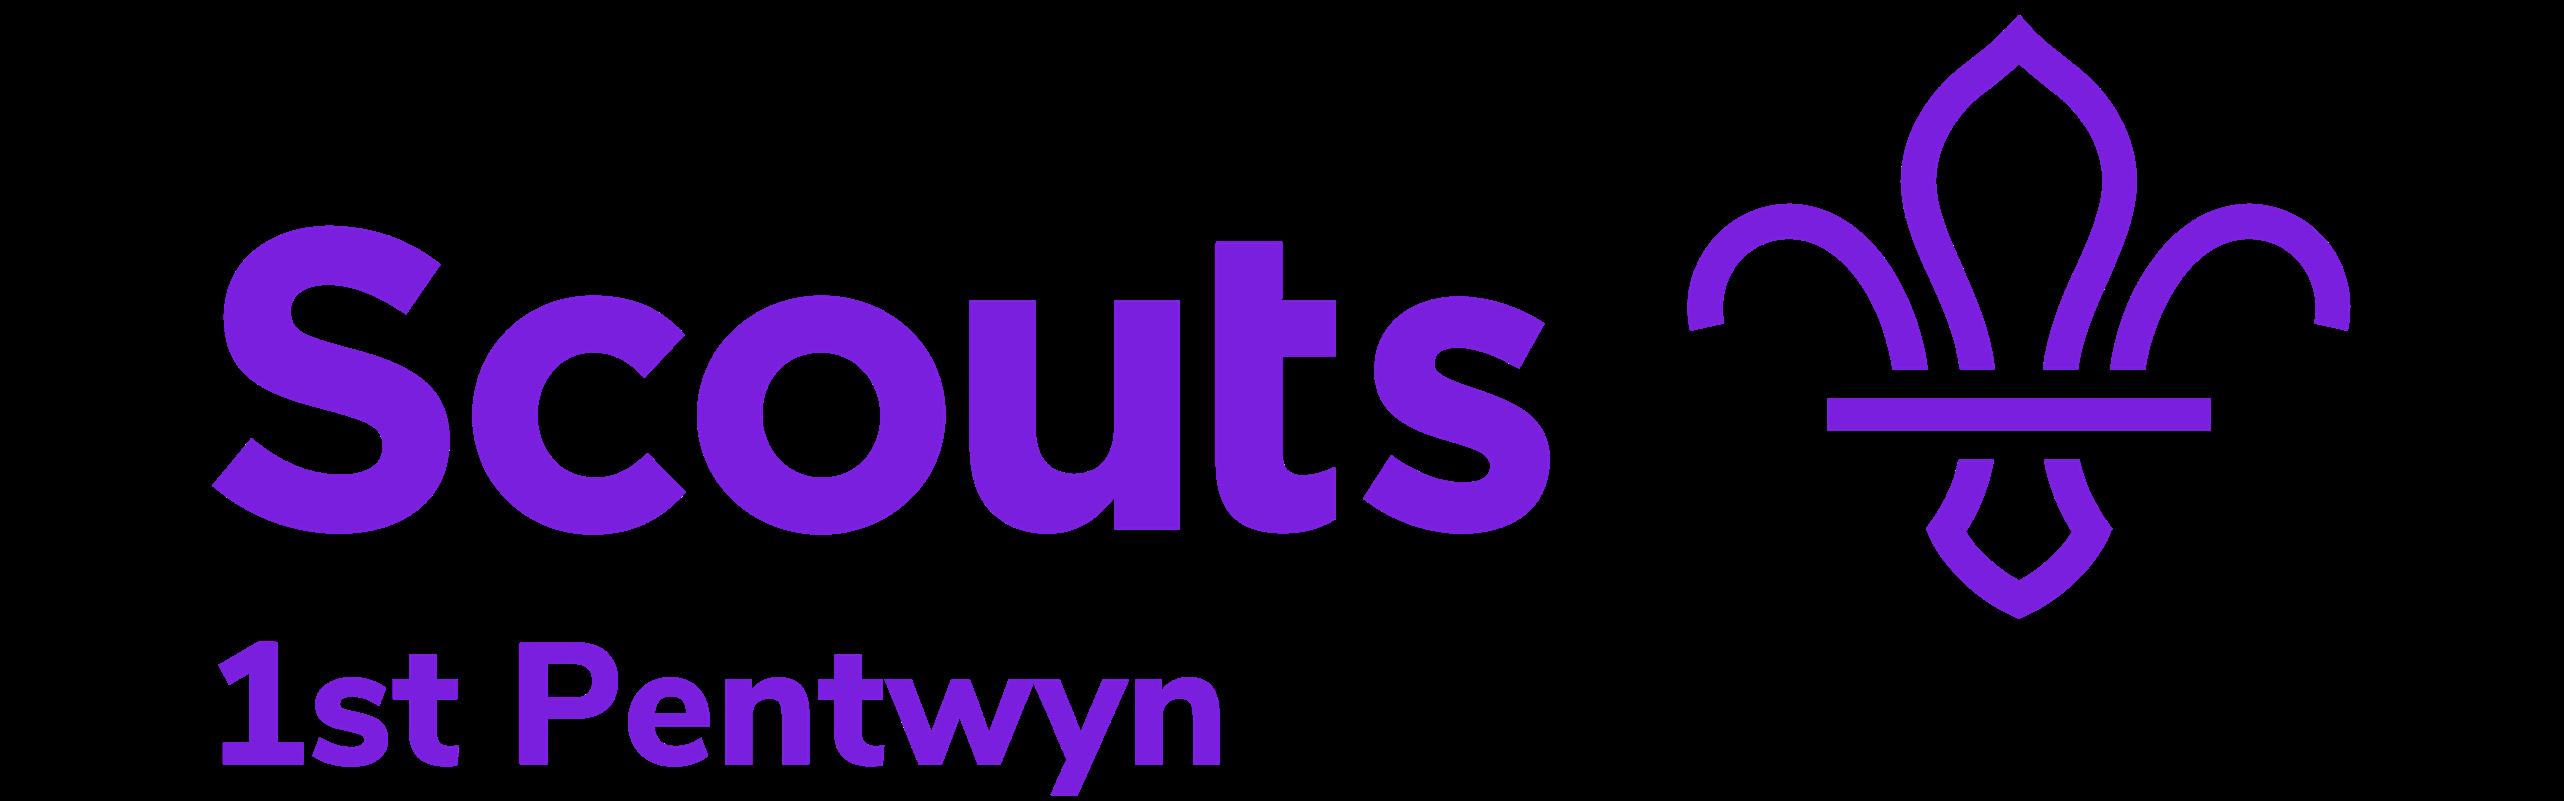 1st Pentwyn Scouts